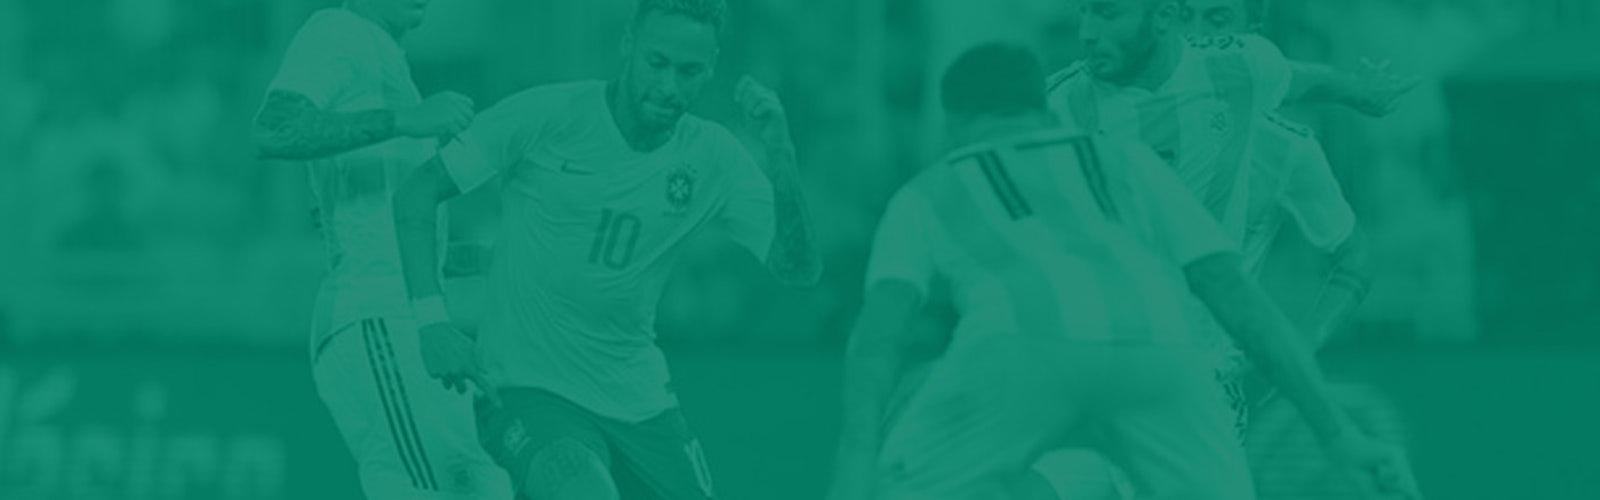 Sites de apostas de futebol